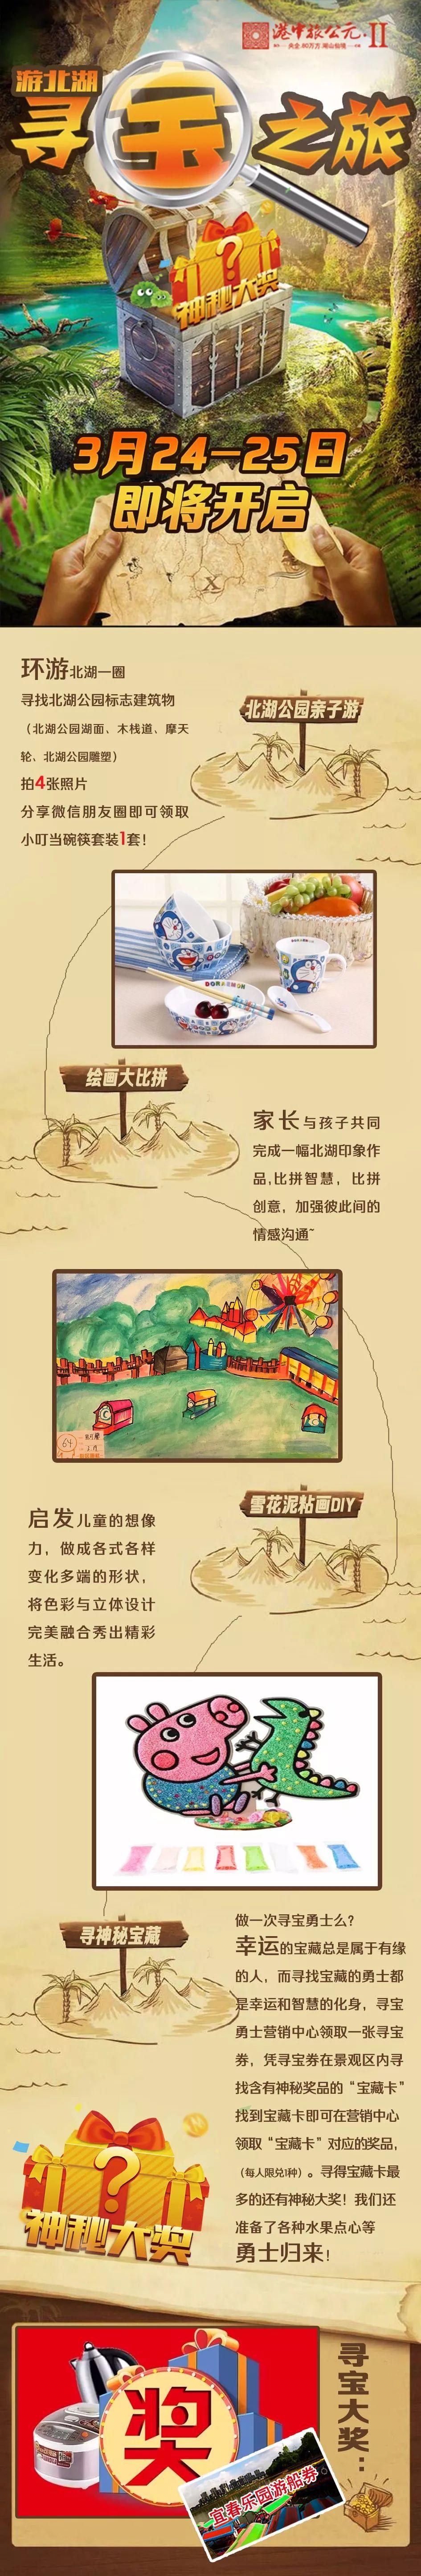 宜春北湖公园疑现大批宝藏!